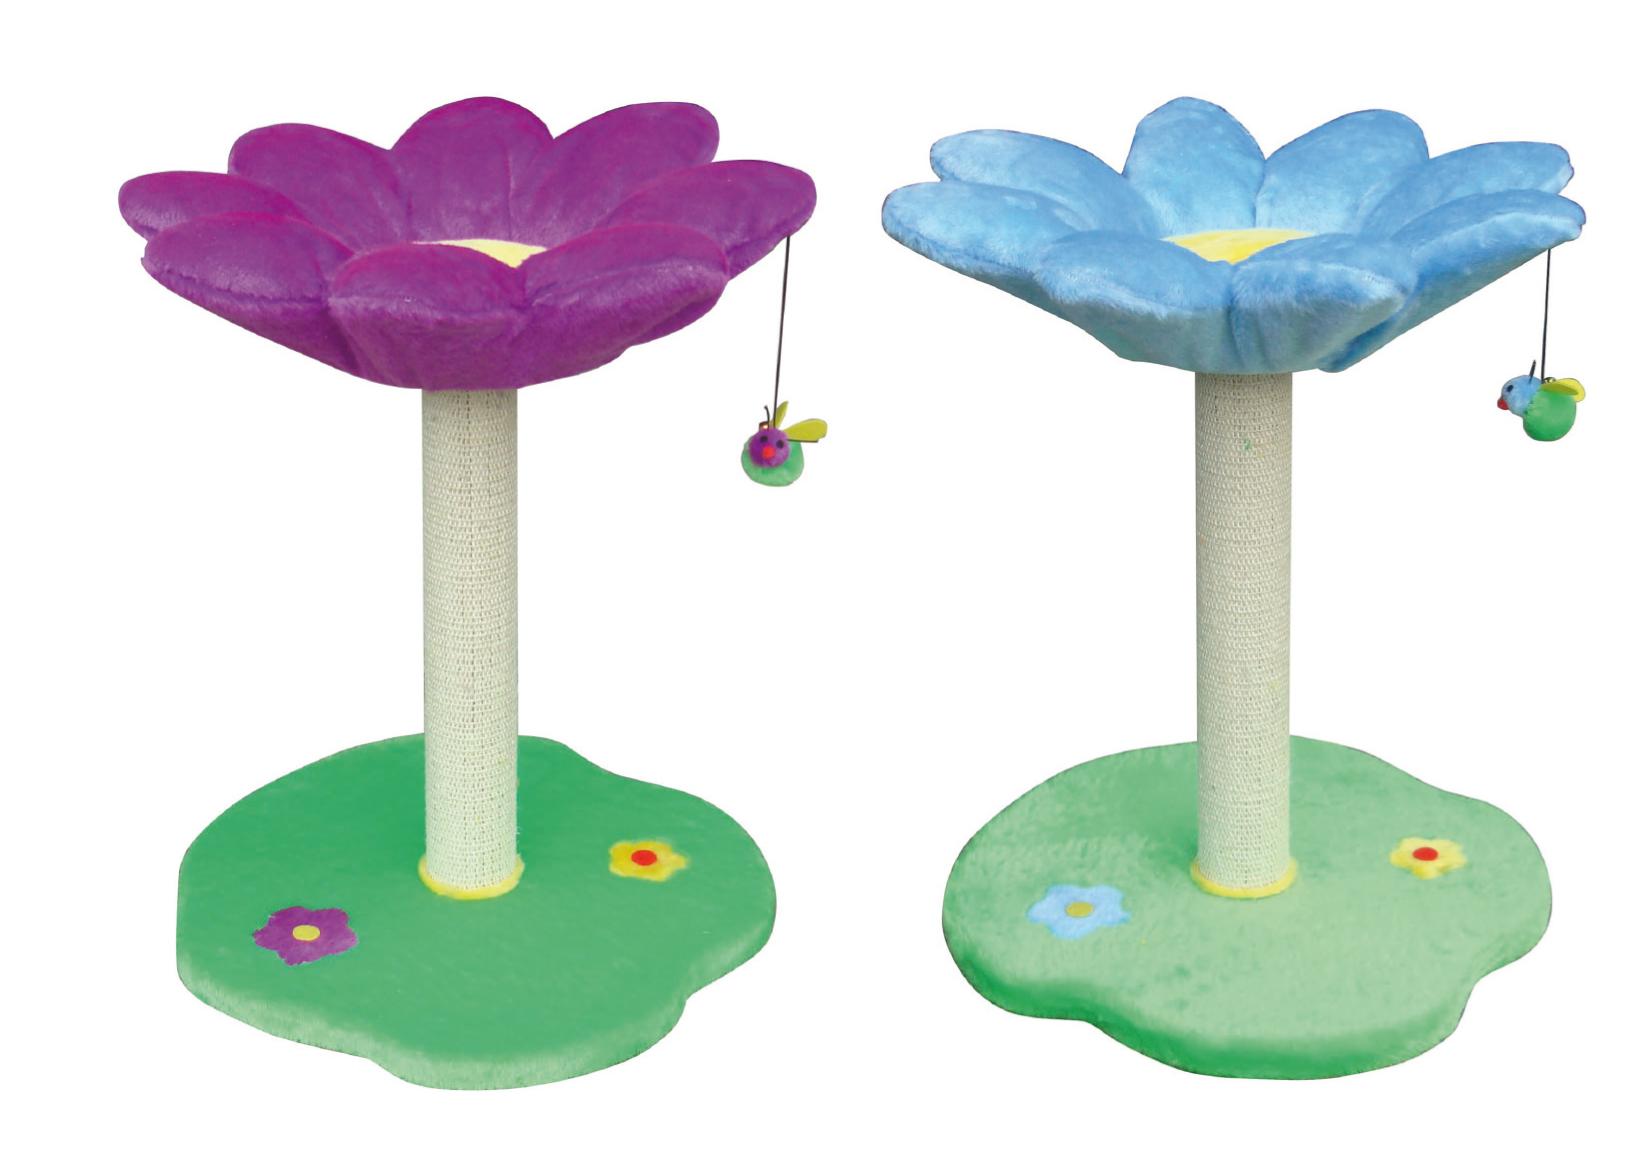 croci Когтеточка-столбик с полочкой Цветок, 45*45*59 см, в ассорт. C6020083